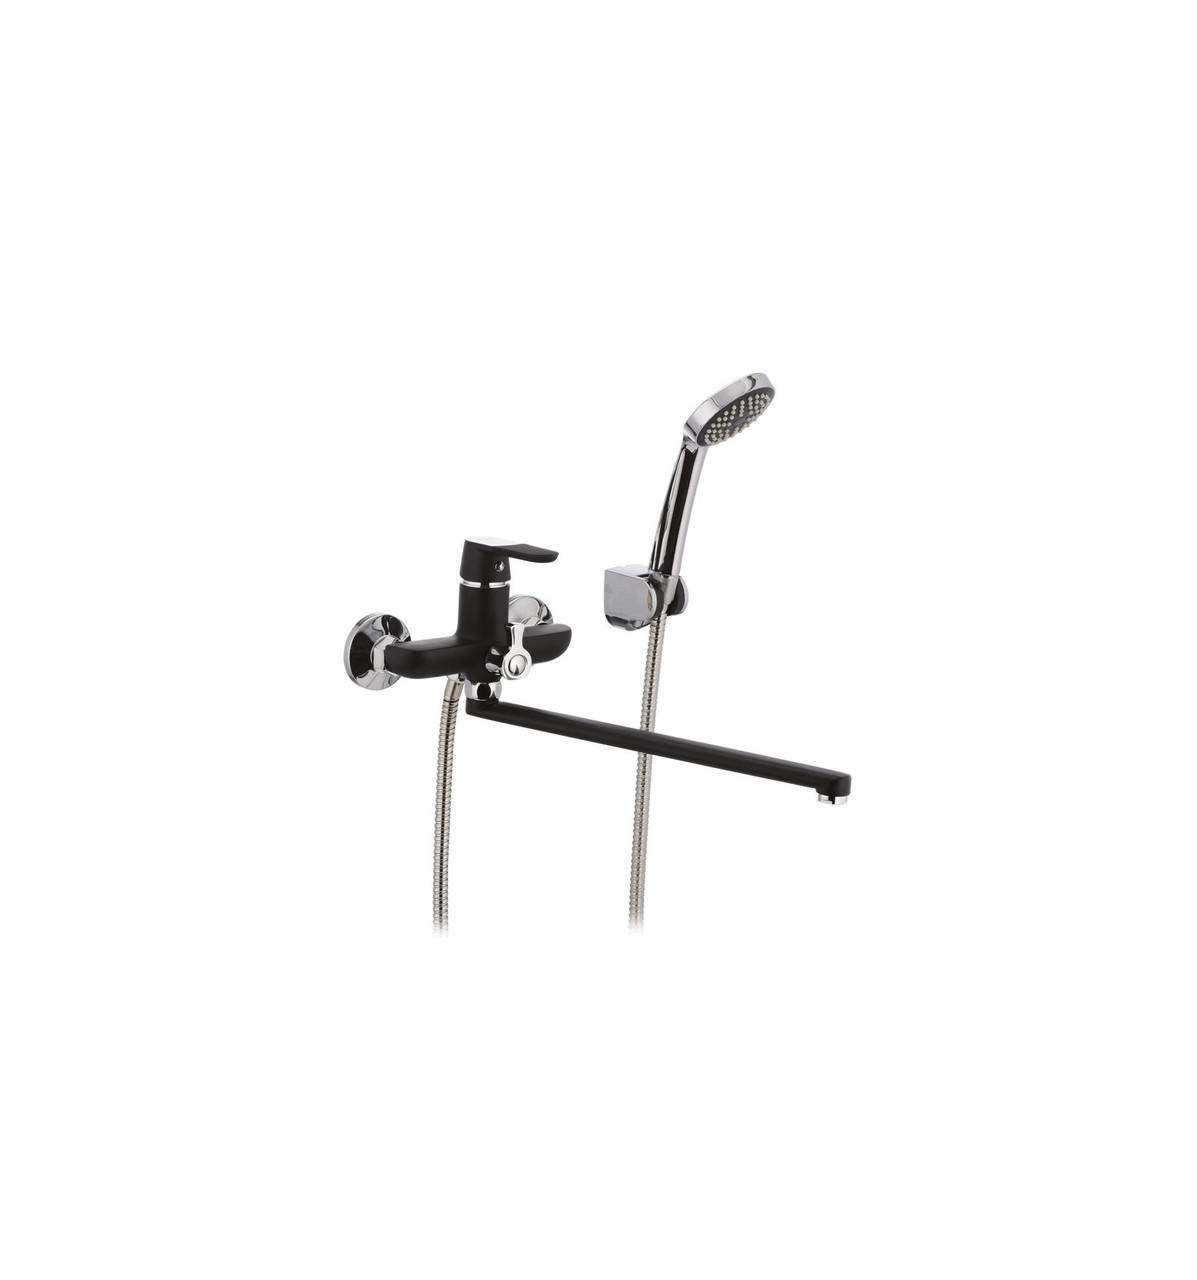 Змішувач для ванни MX PREMIUM TIGER 006 EURO (BLACK)